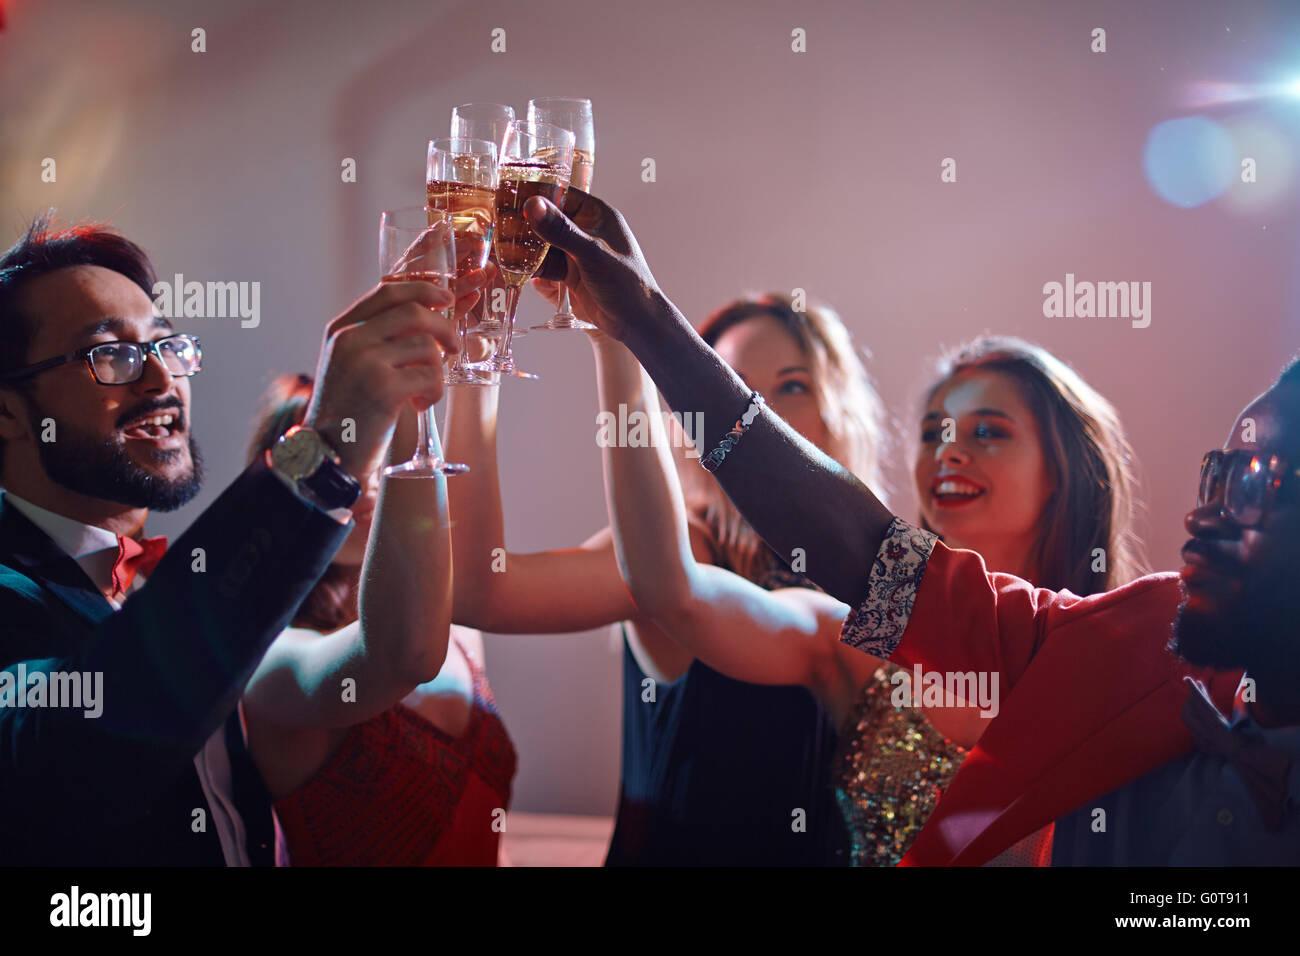 Boissons alcoolisées Photo Stock